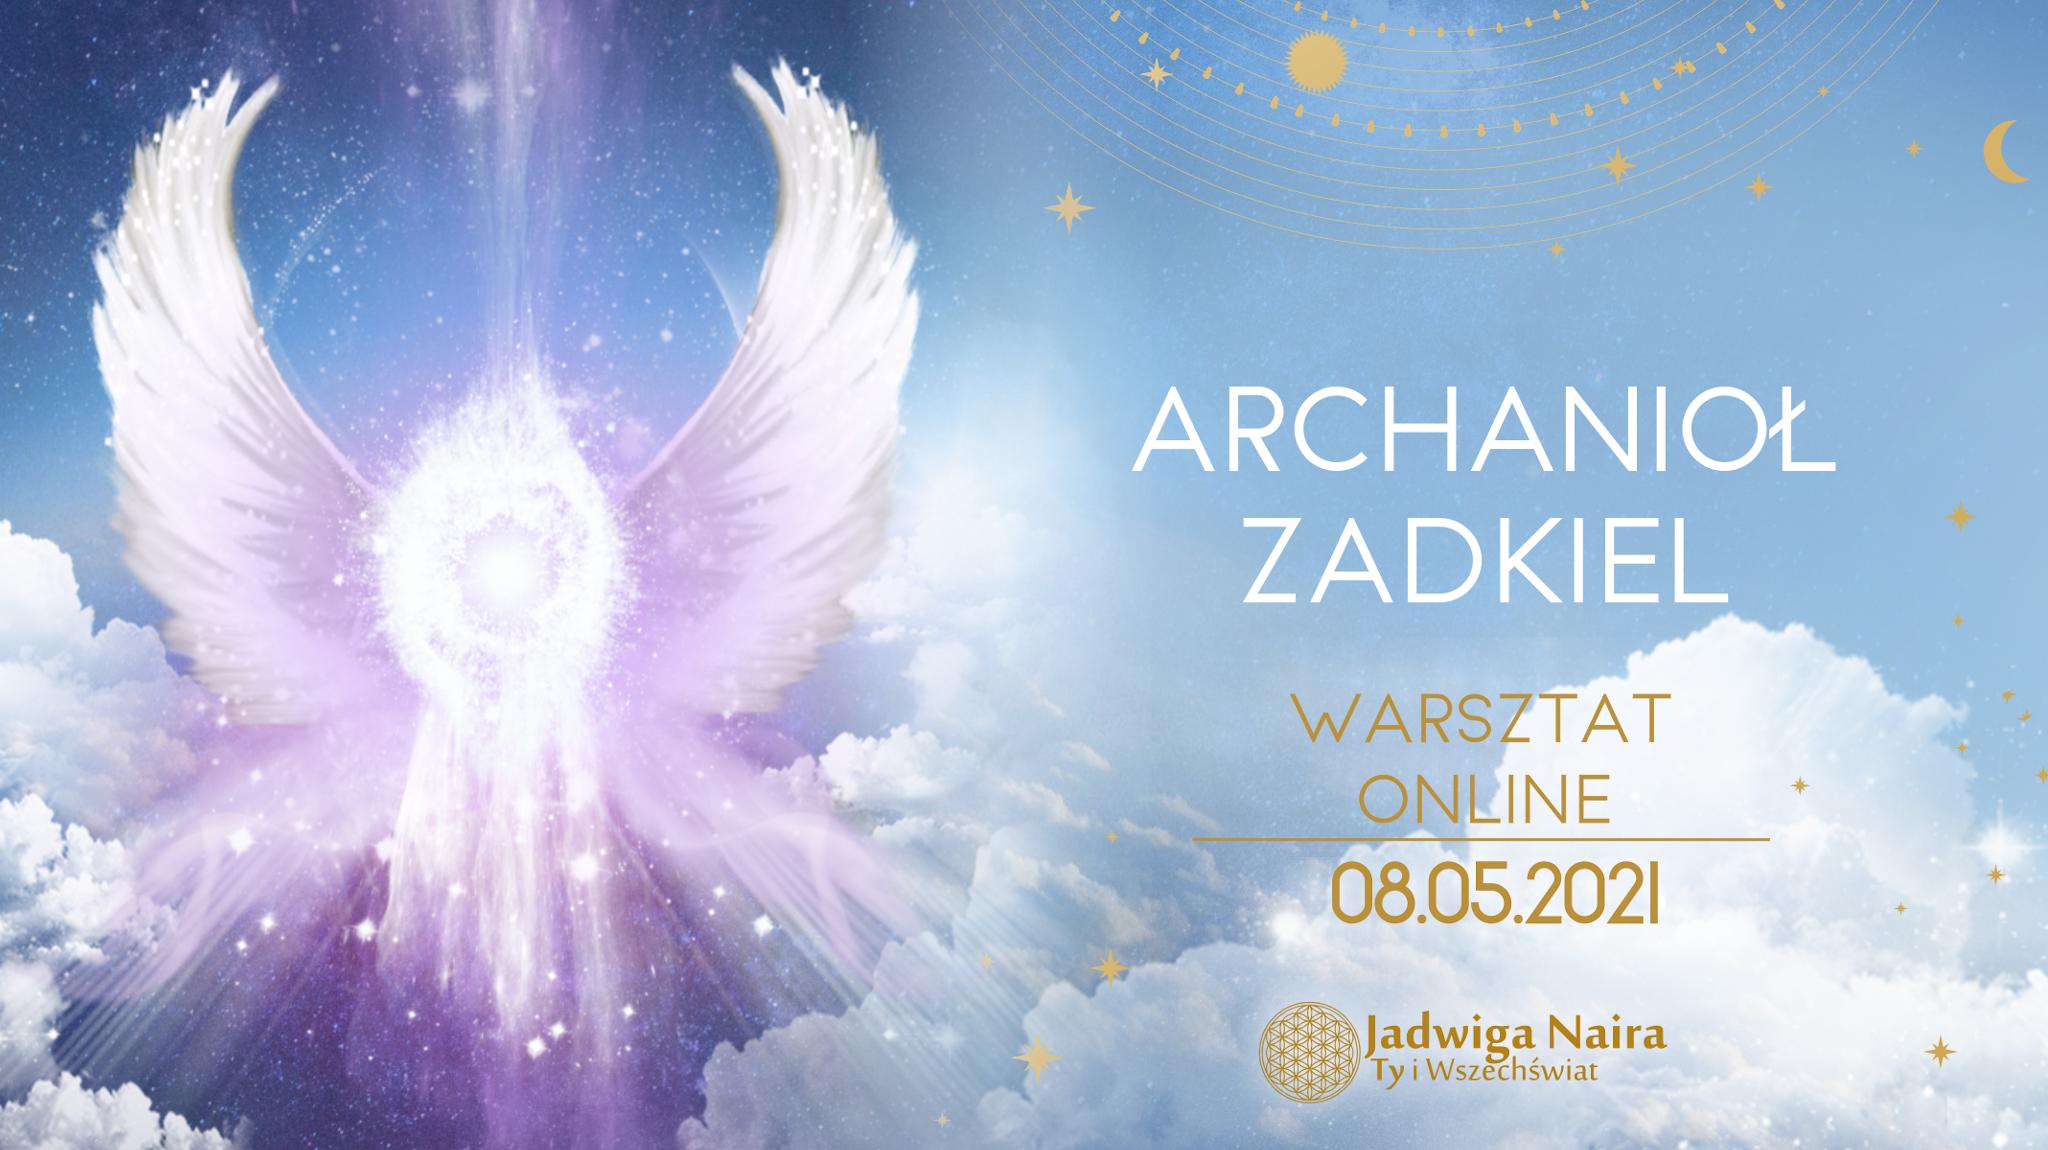 Warsztat Online - Archanioł Zadkiel